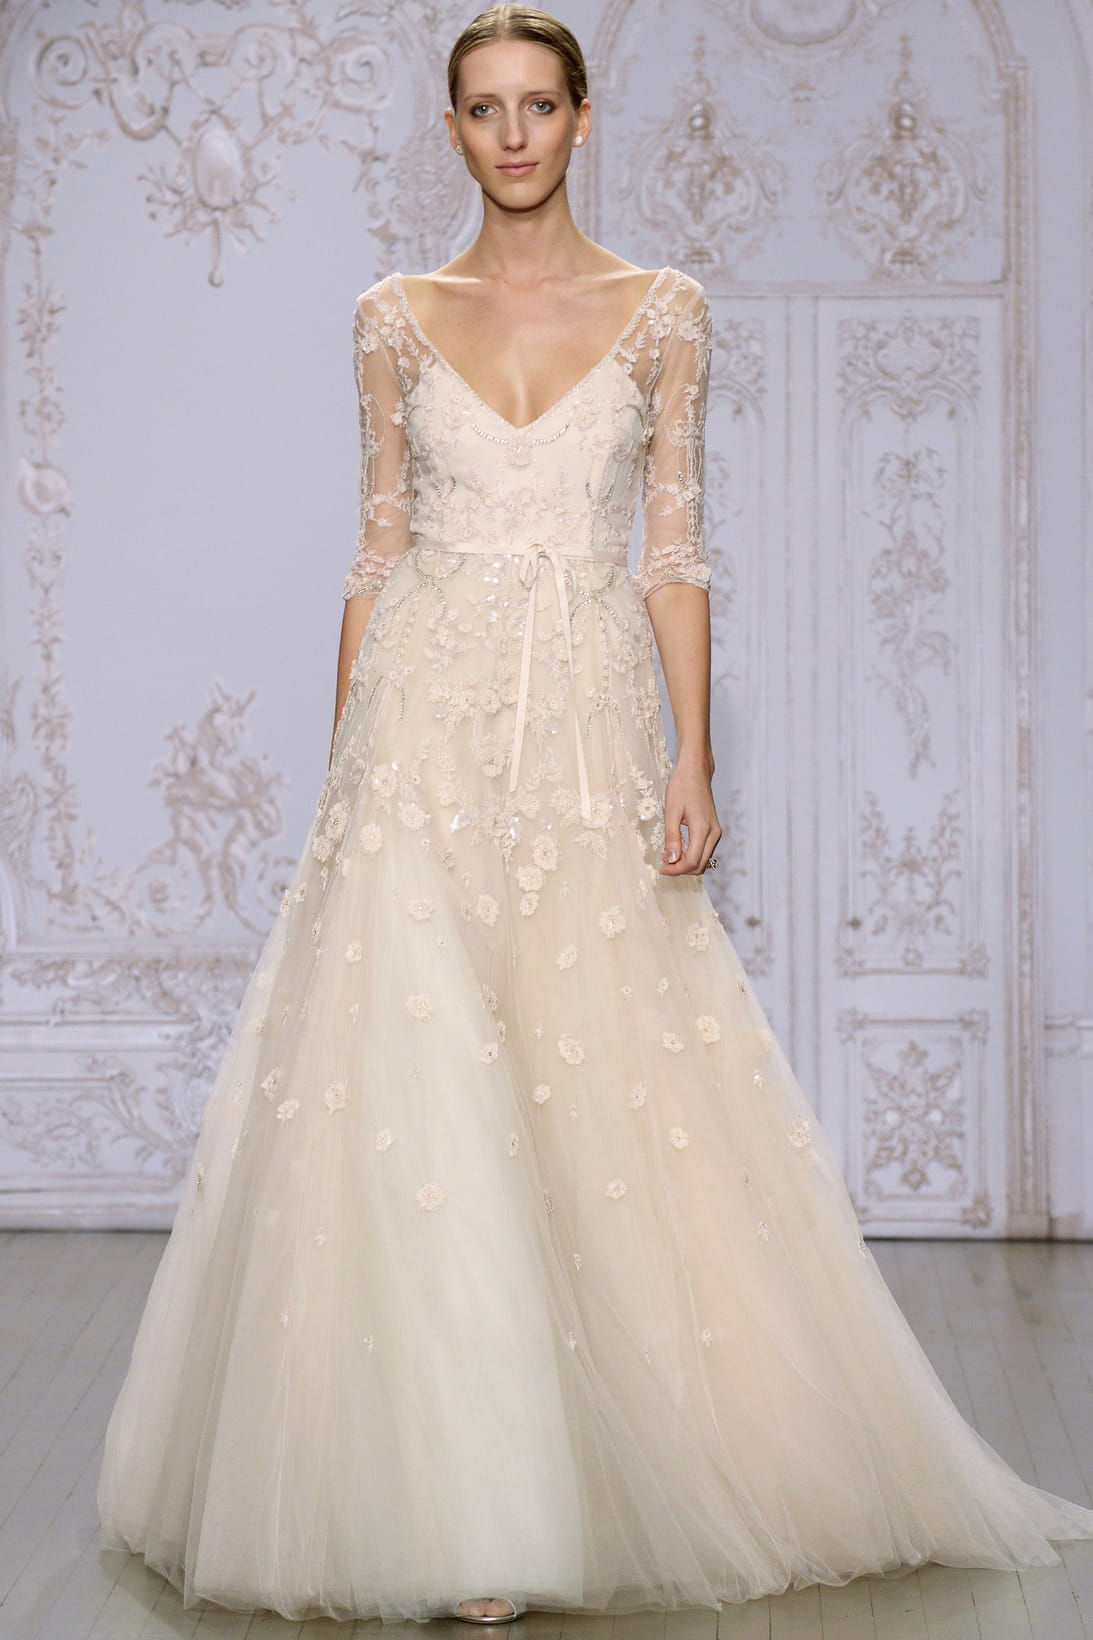 robe de mari e monique lhuillier ForMonique Lhuillier Robes De Mariage